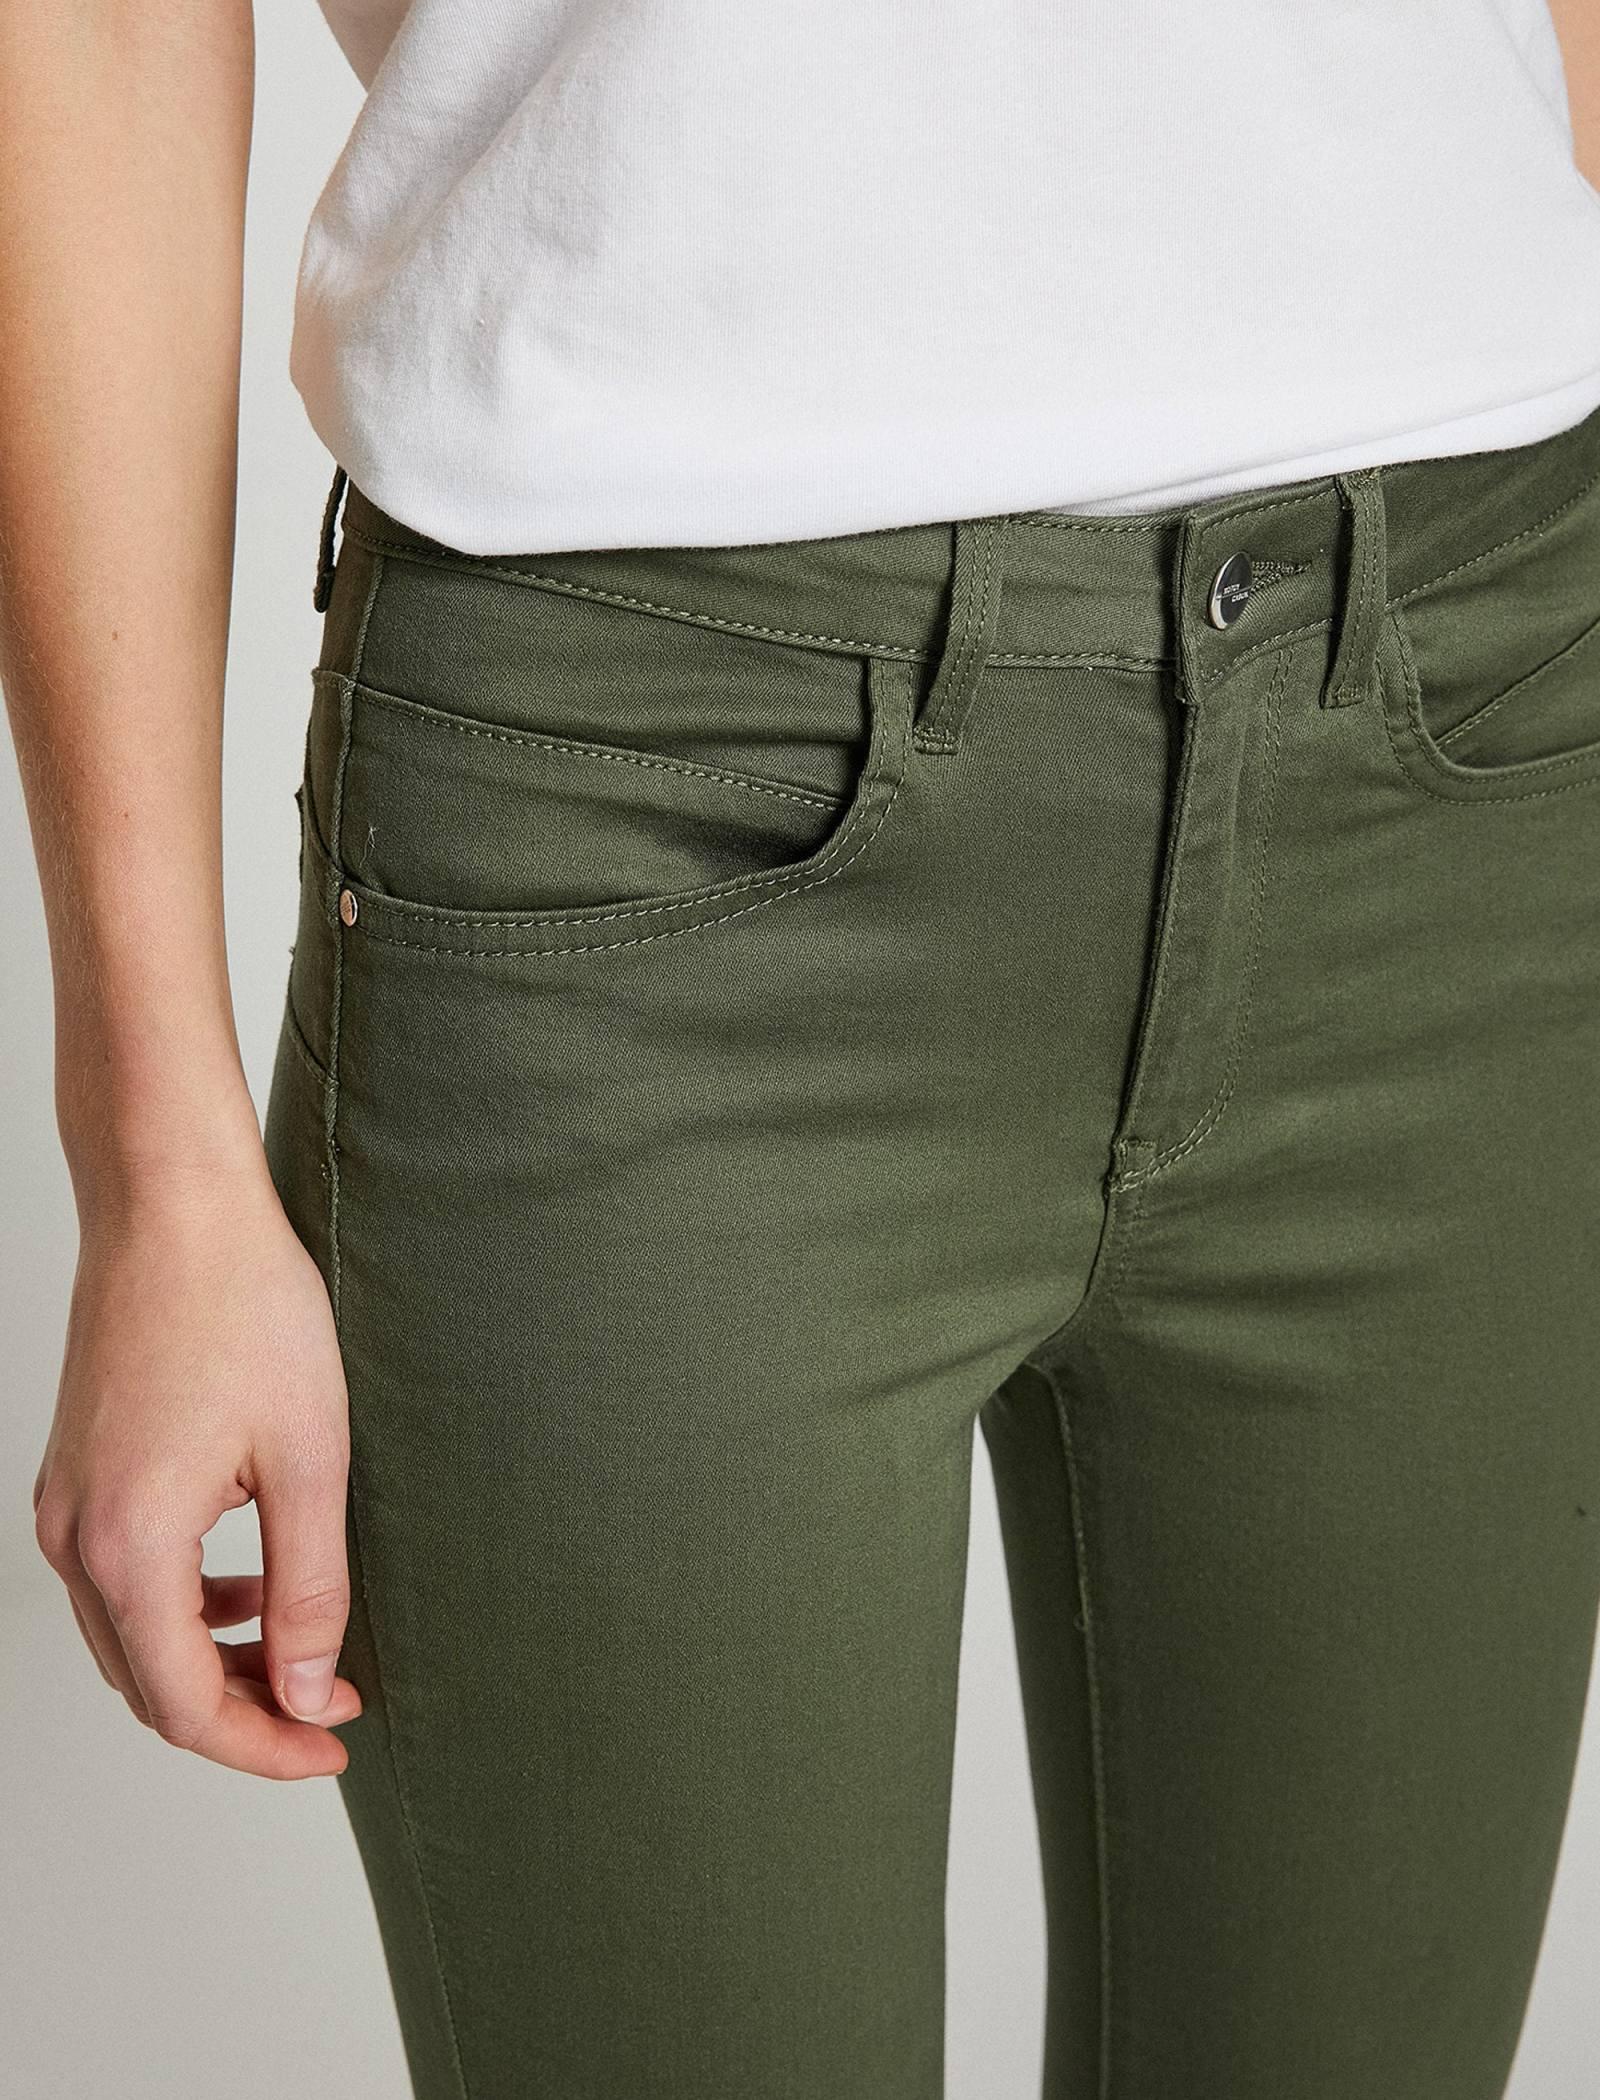 شلوار جین جذب زنانه - کوتون - سبز  - 5